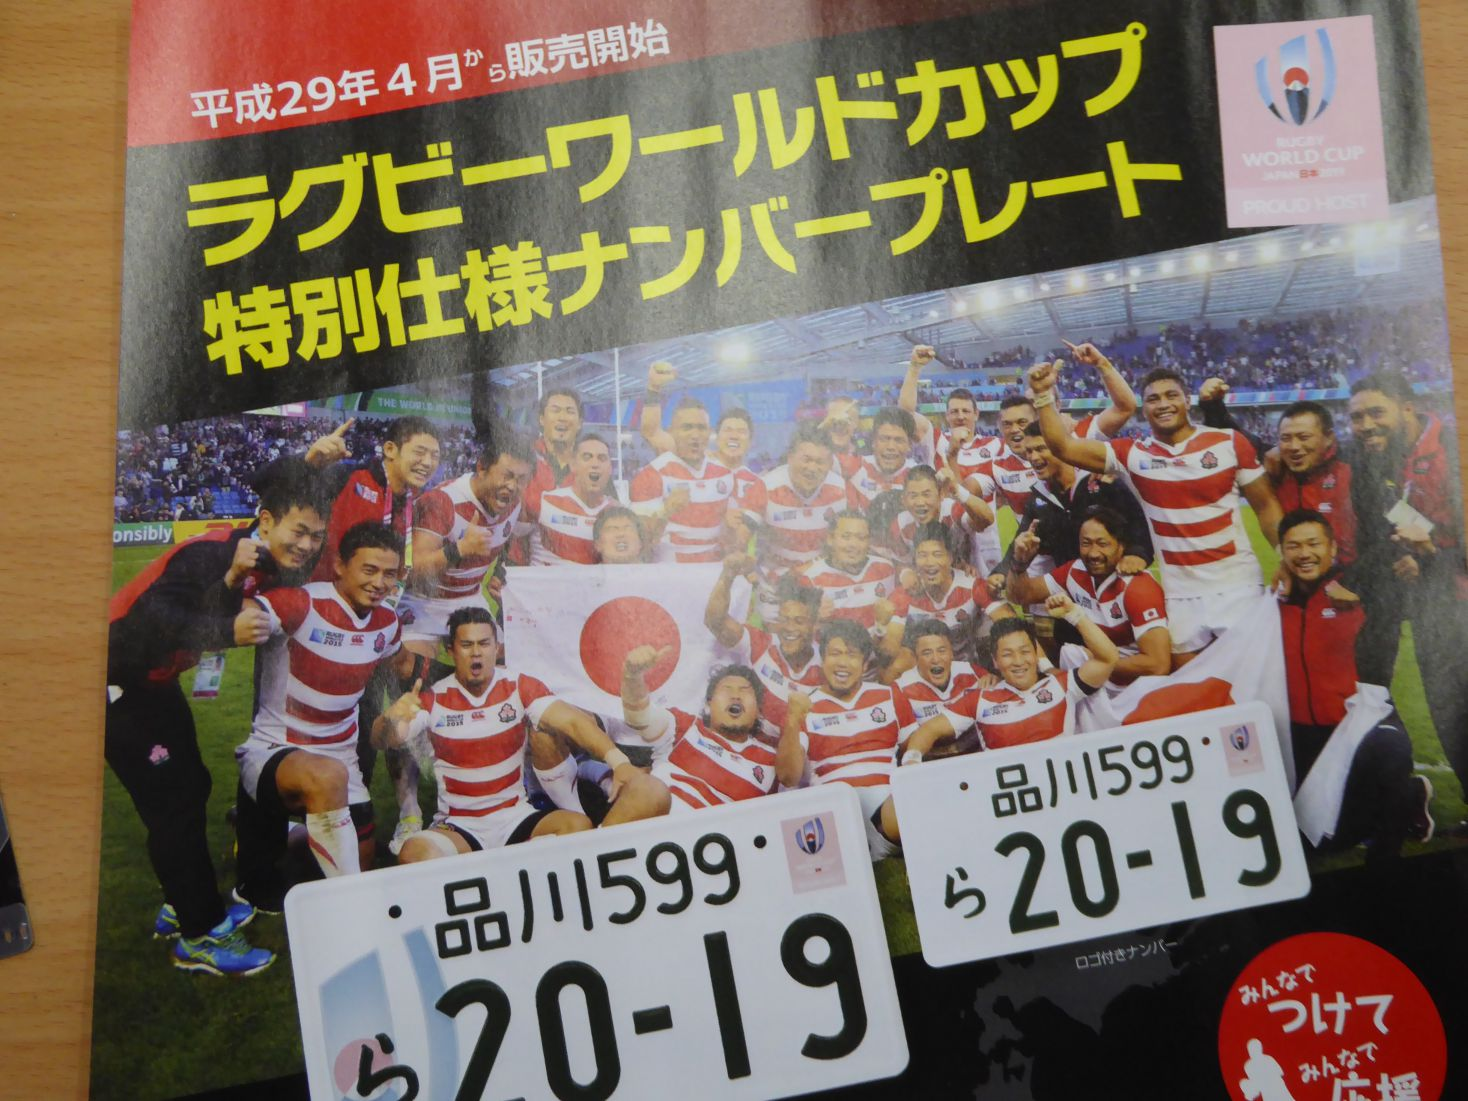 ラグビーワールドカップ特別仕様ナンバープレート